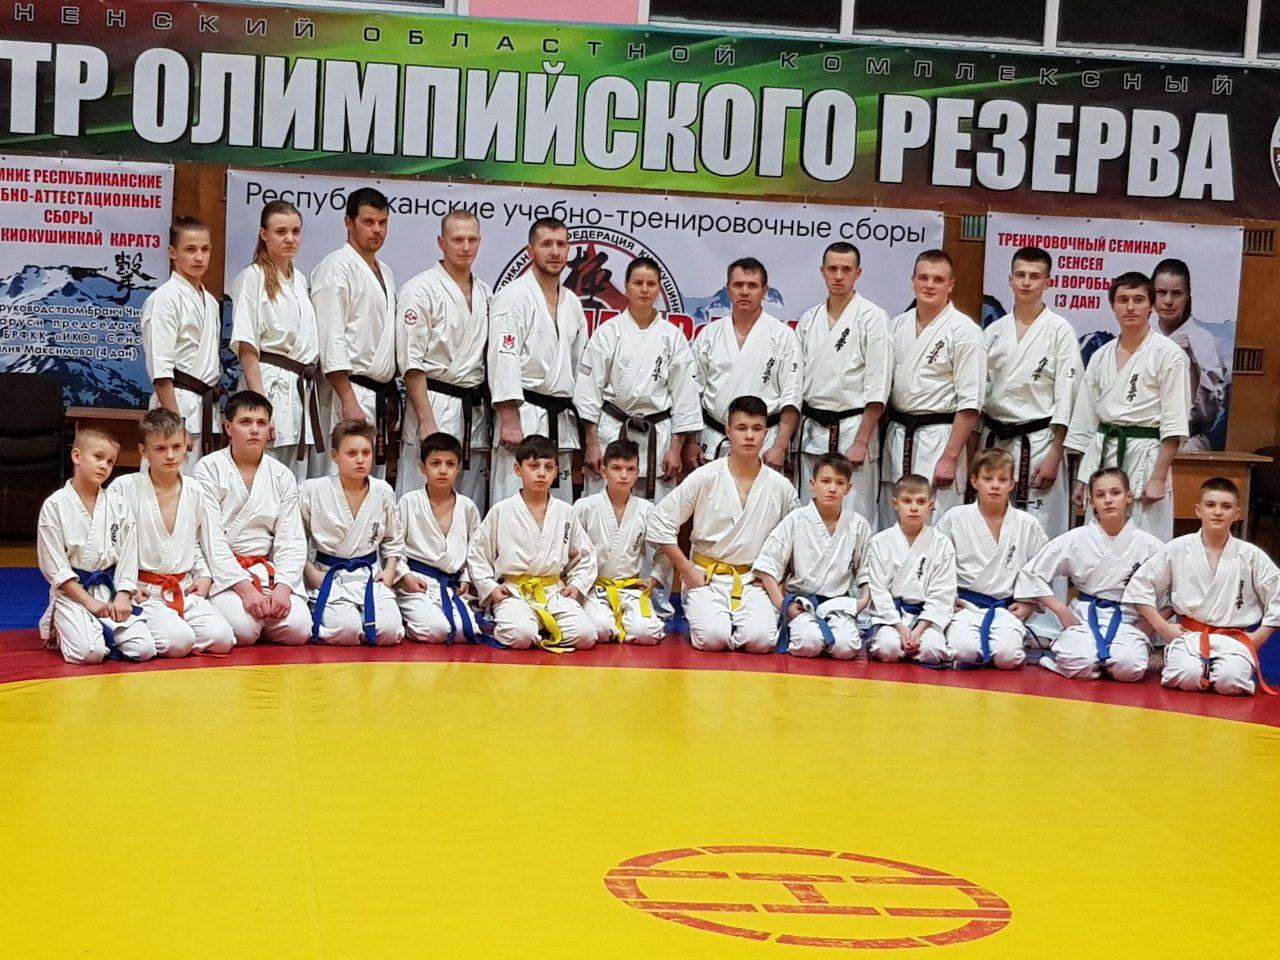 Завершилась Зимняя школа с Еленой Воробьевой